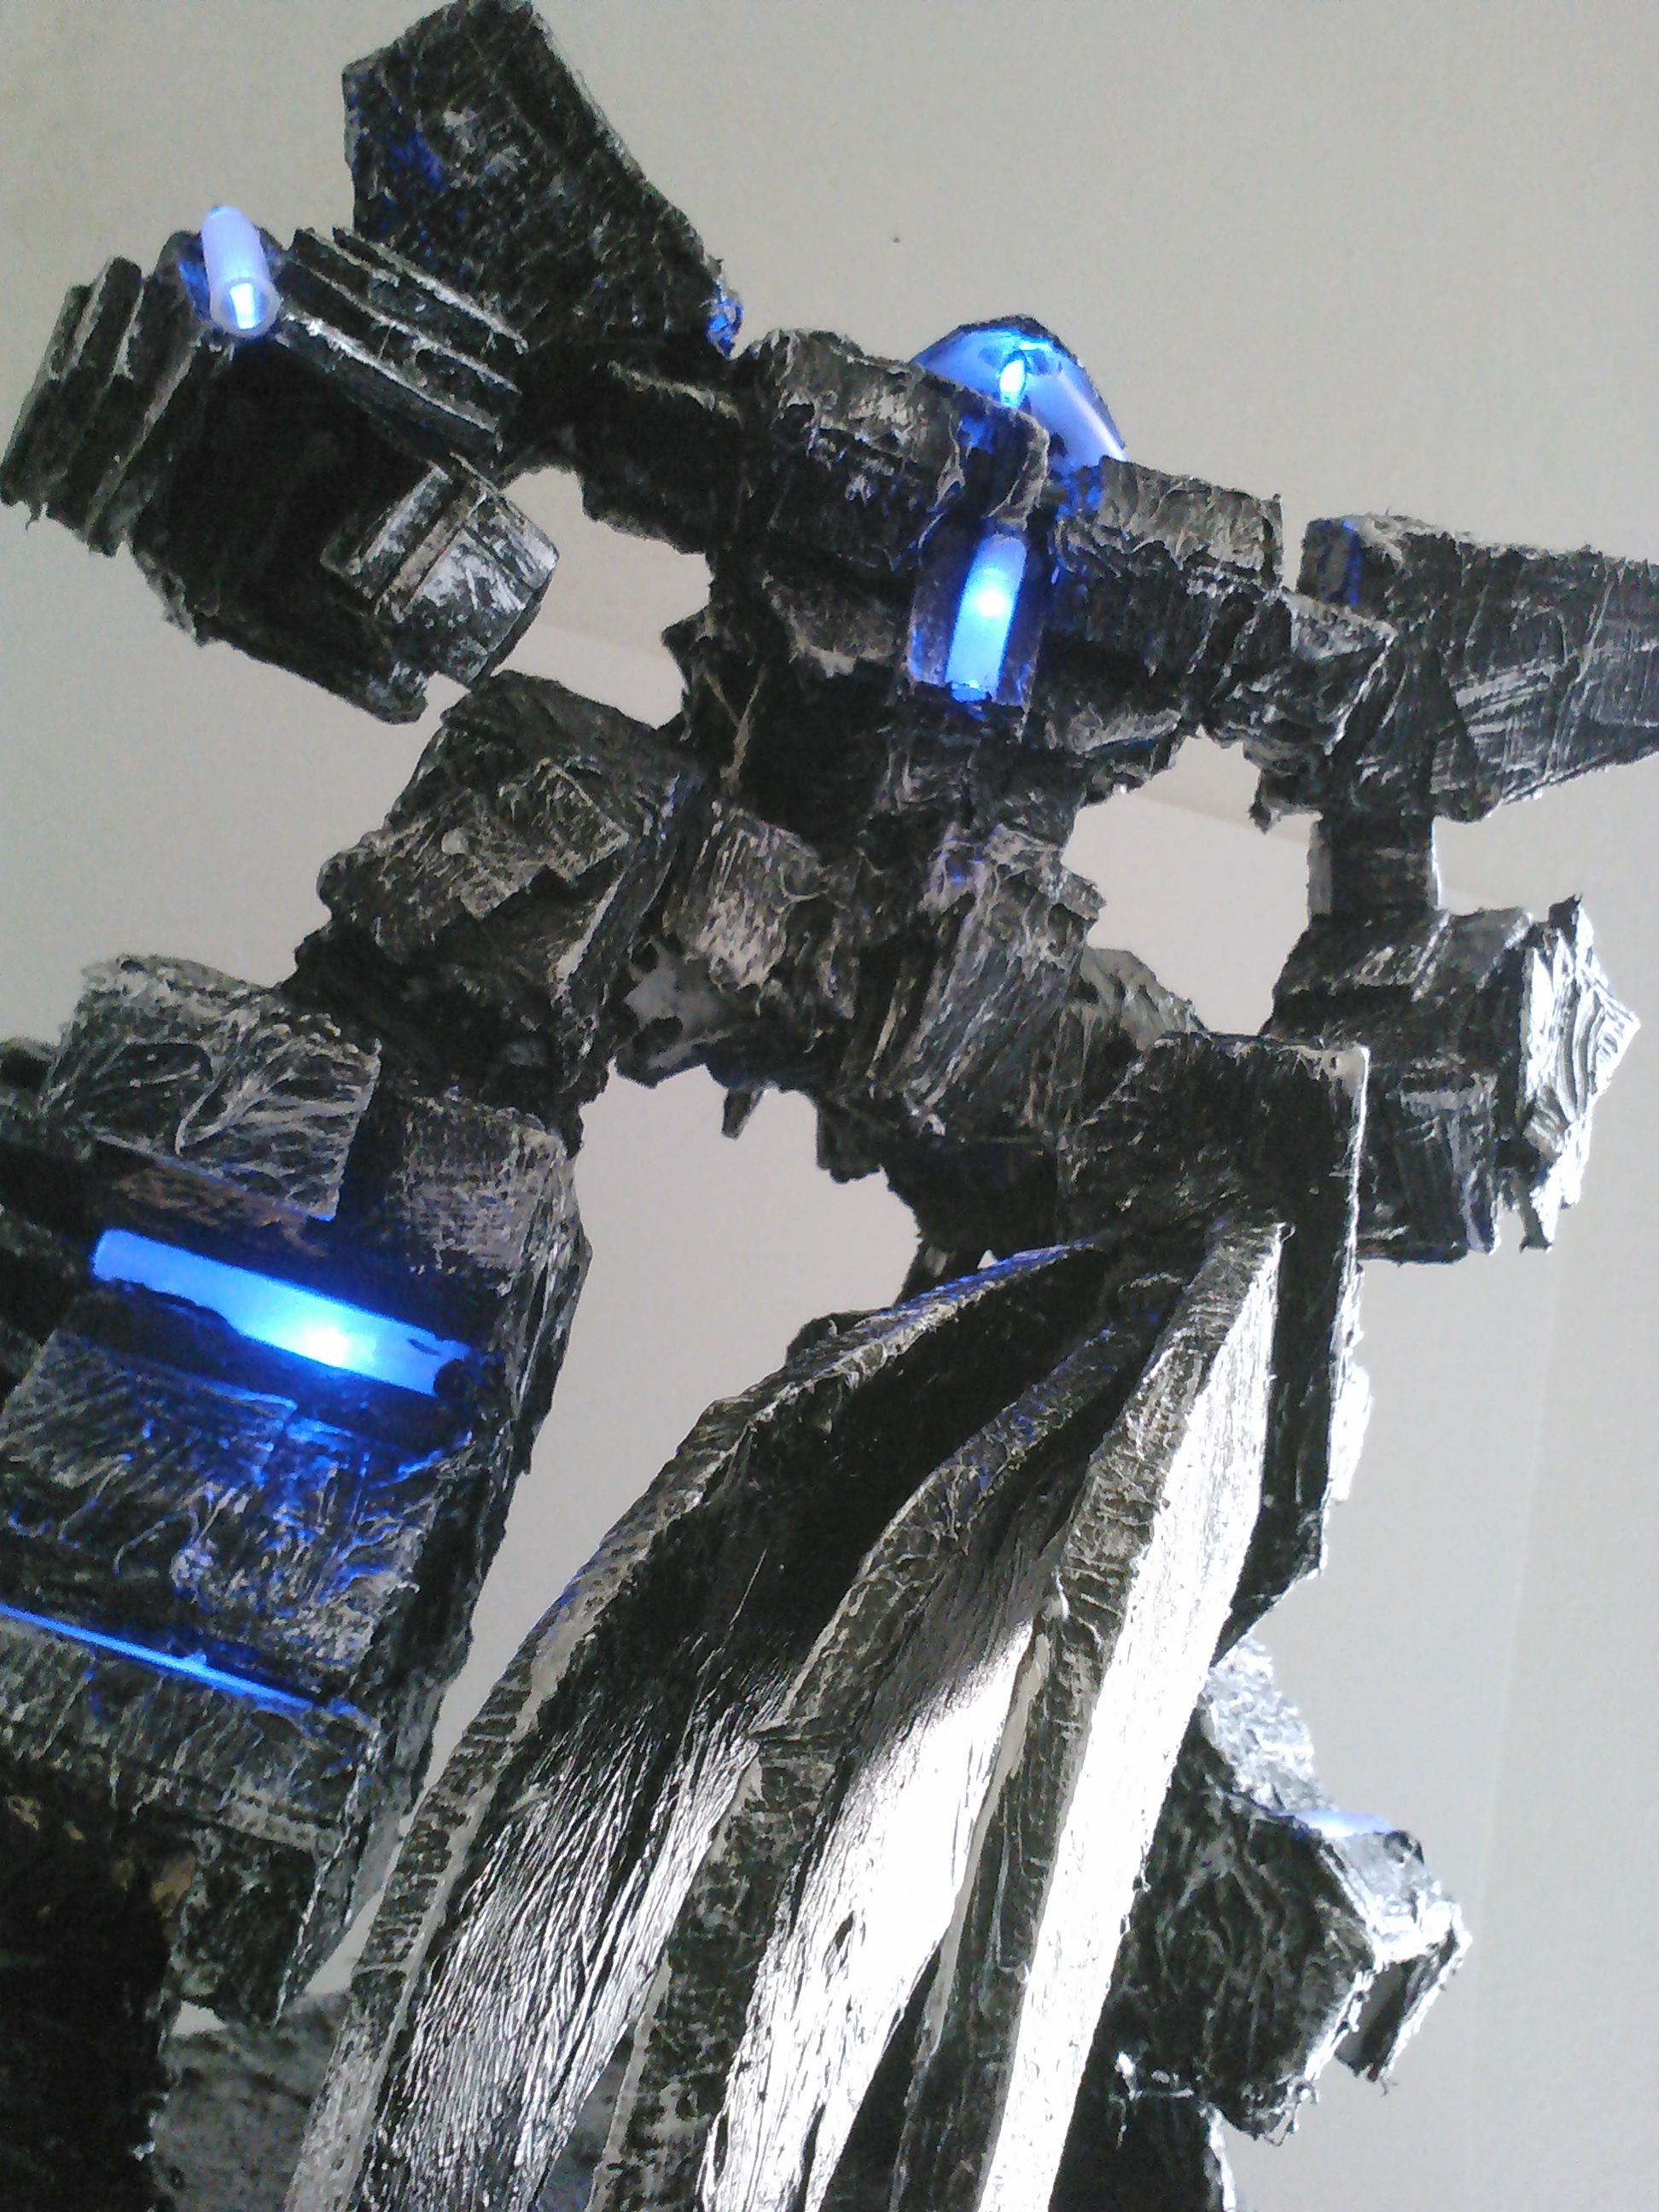 Shadow lurker-1 by shieldcore